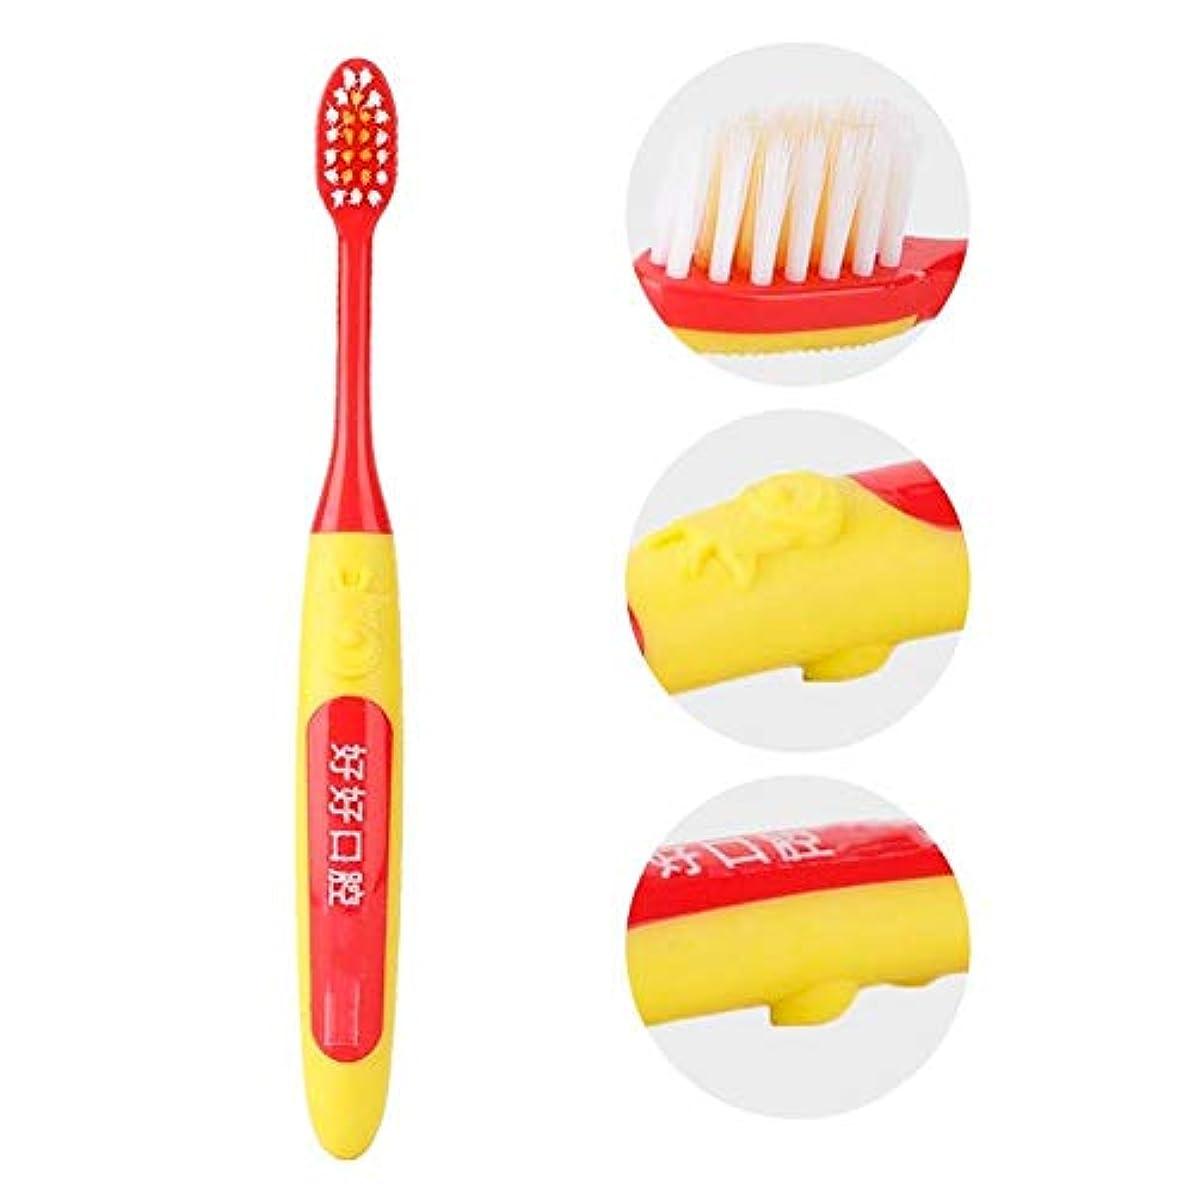 遅い圧倒的省略歯ブラシ子供の柔らかい髪の歯ブラシかわいい子供のクリーニング歯ブラシオーラルケアツール(黄色いハンドル)